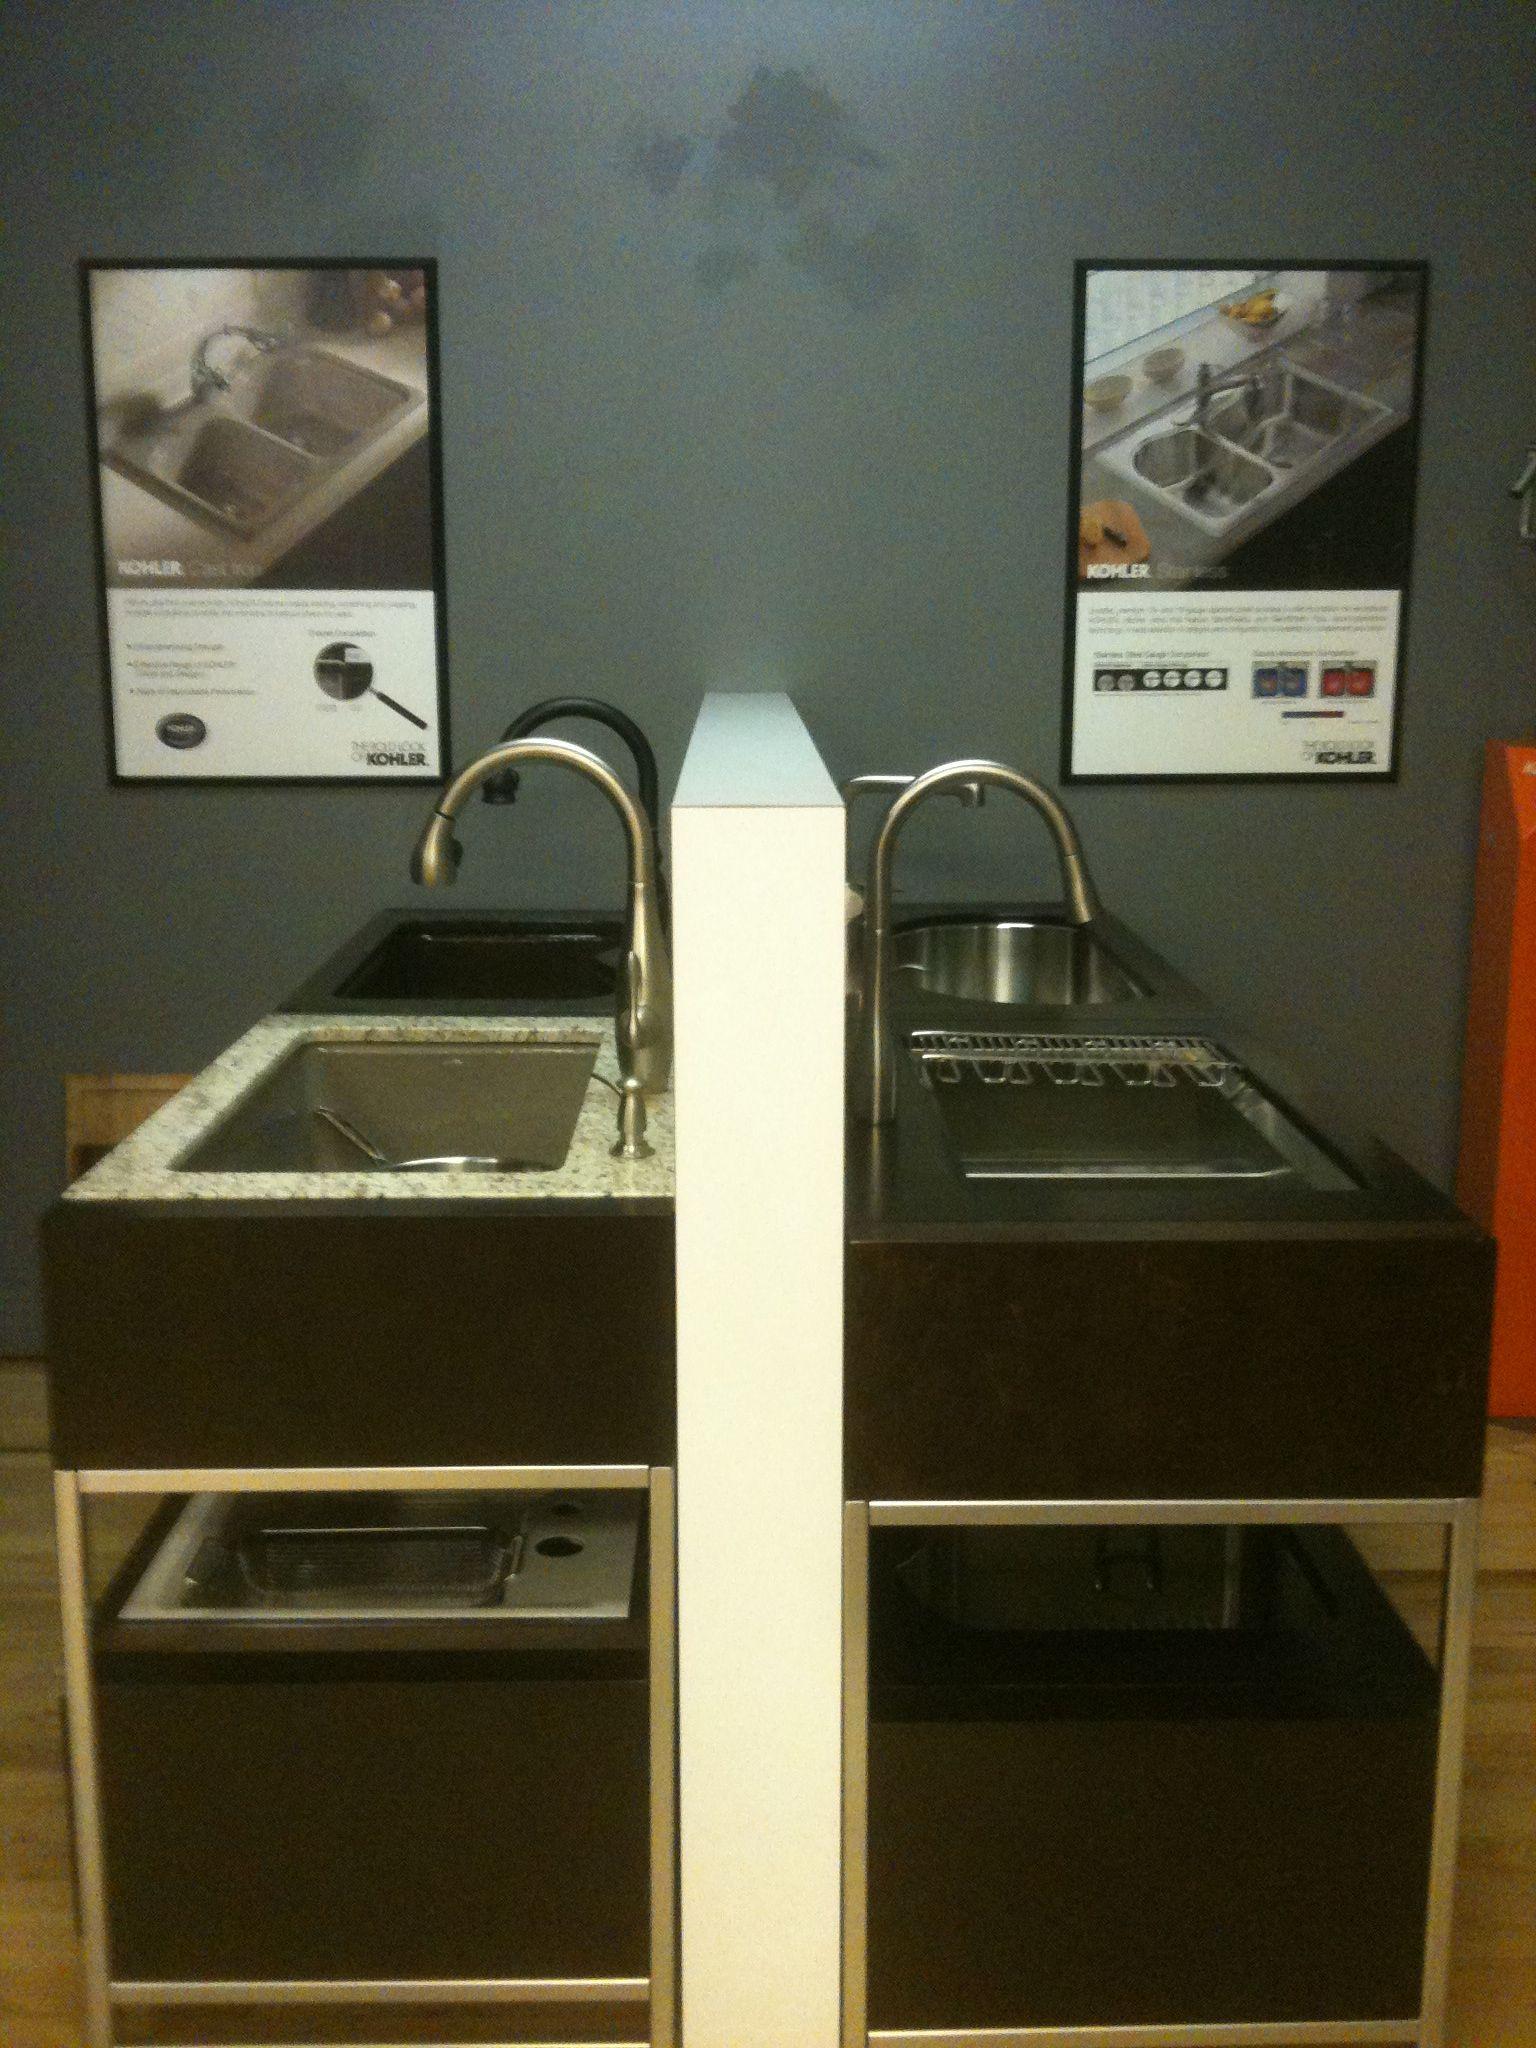 kitchen sinks denver Kohler Kitchen Sink Displays